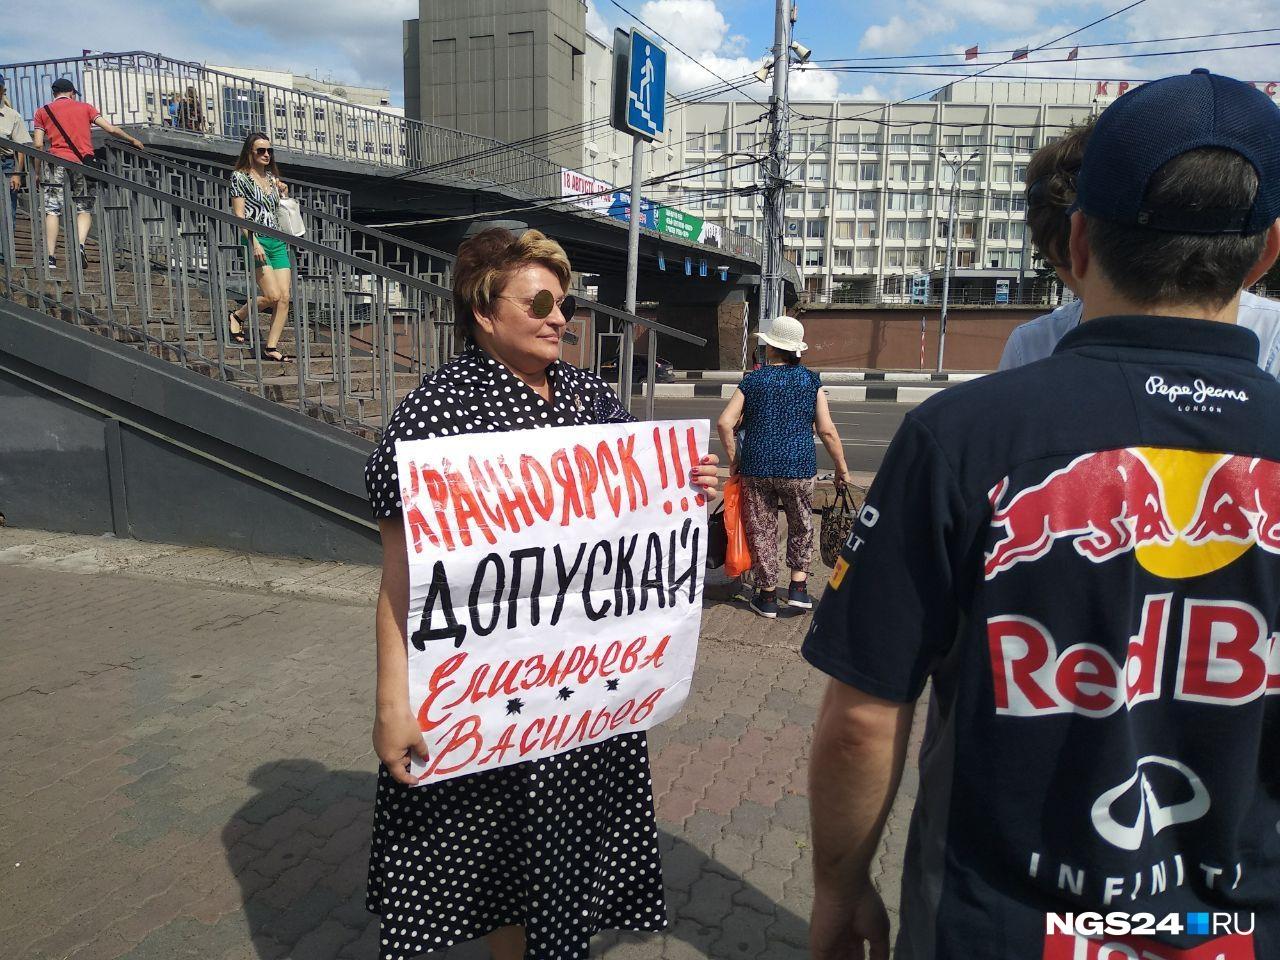 Ольга Суворова пришла на пикет со своим плакатом